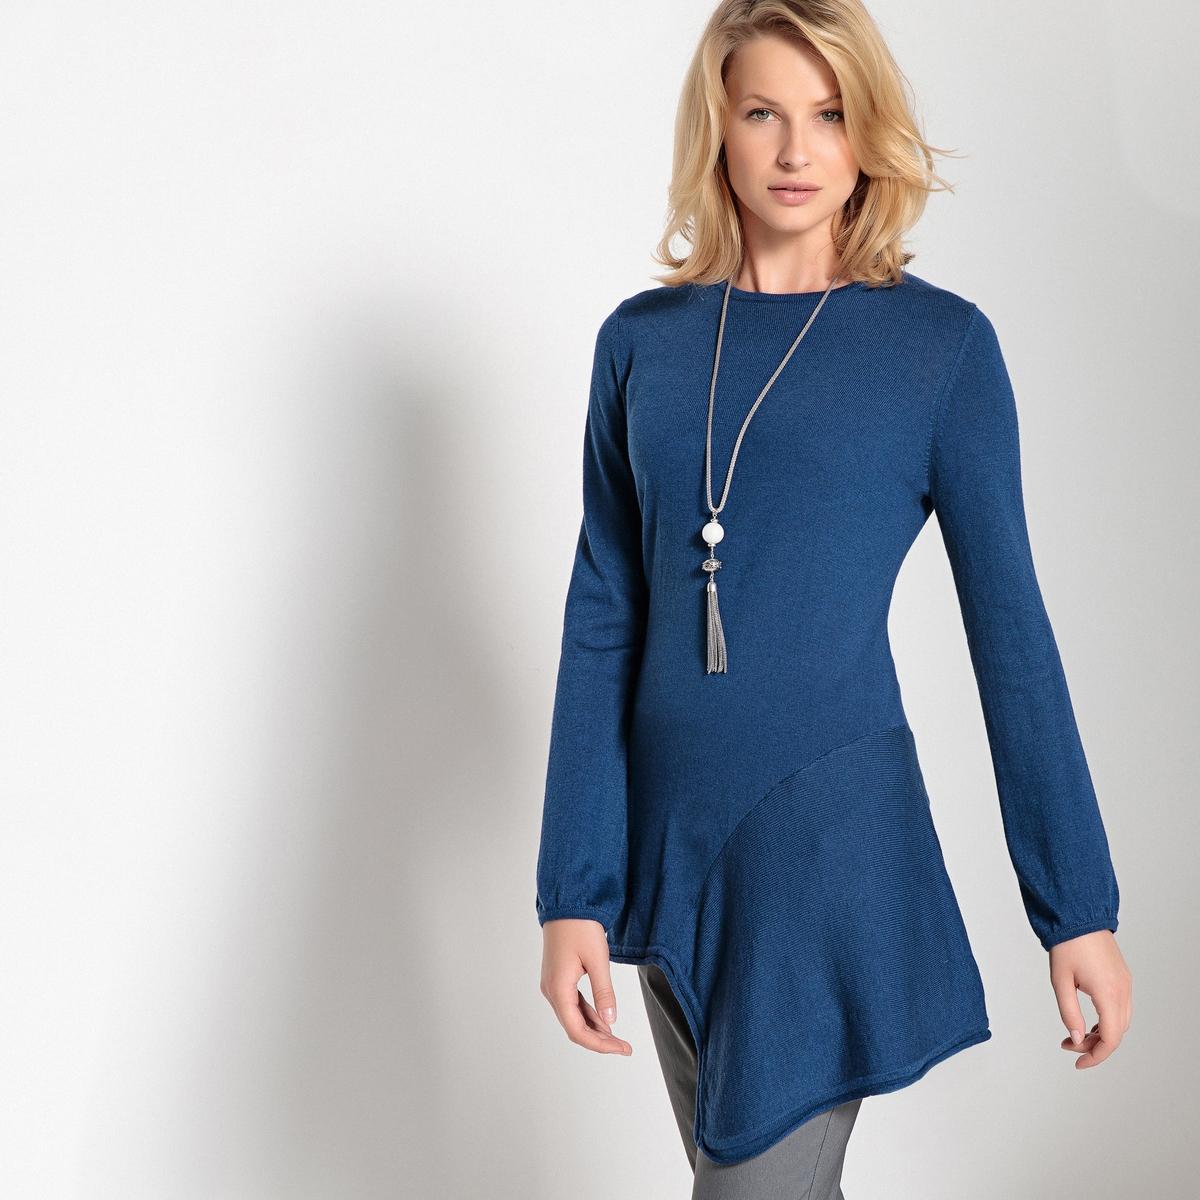 Imagen principal de producto de Jersey túnica en asimetría, cno cuello redondo y punto fino - Anne weyburn